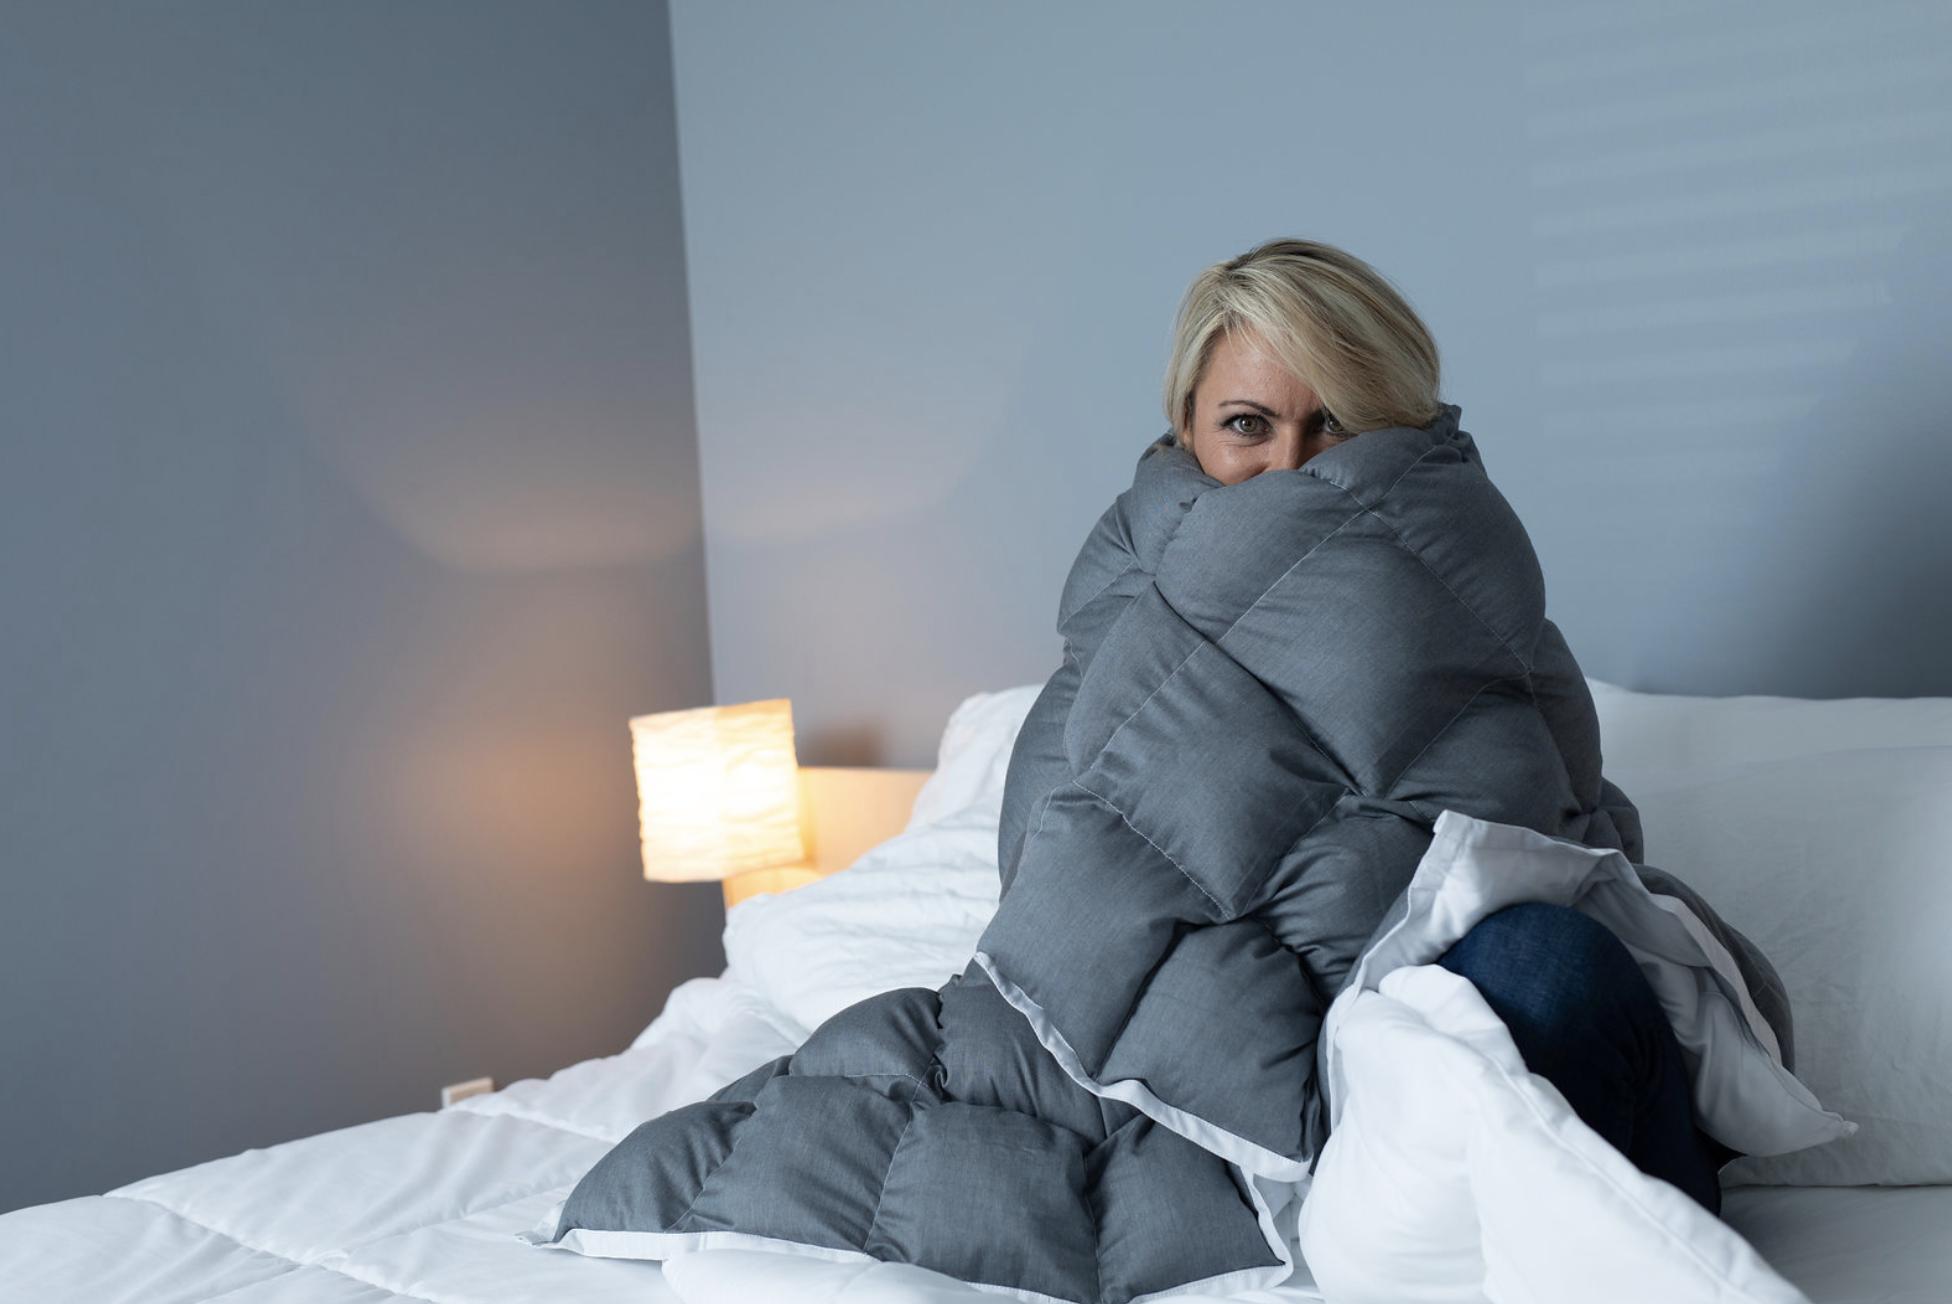 SensaCalm Weighted Blanket 2